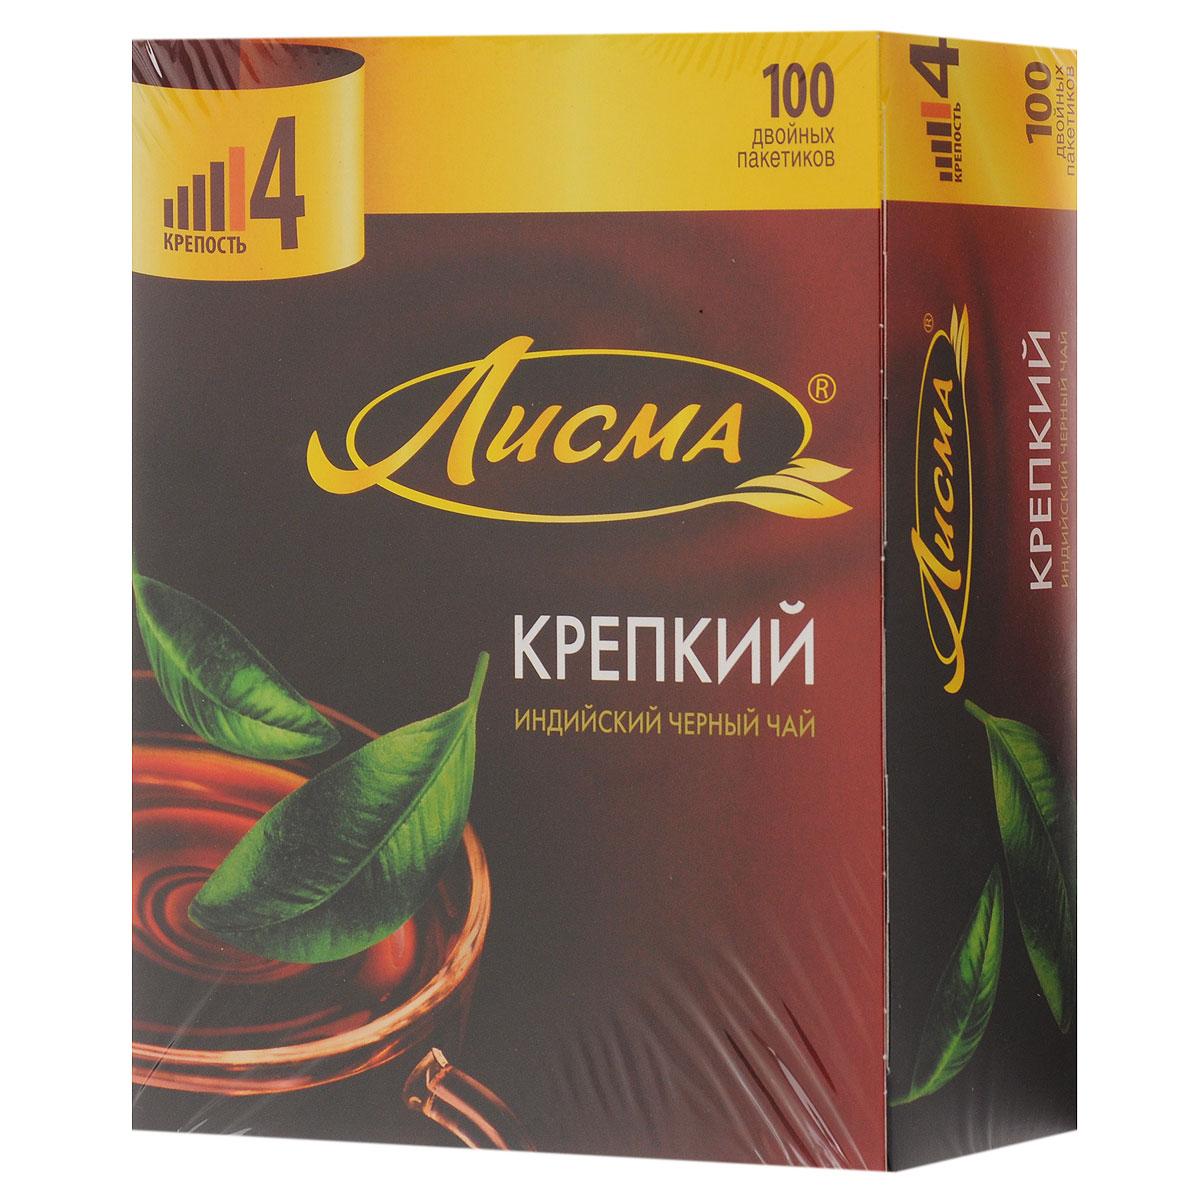 Лисма Крепкий черный чай в пакетиках, 100 шт0120710Лисма Крепкий - индийский черный байховый чай в пакетиках. Коробка содержит 100 пакетиков по 2 грамма.